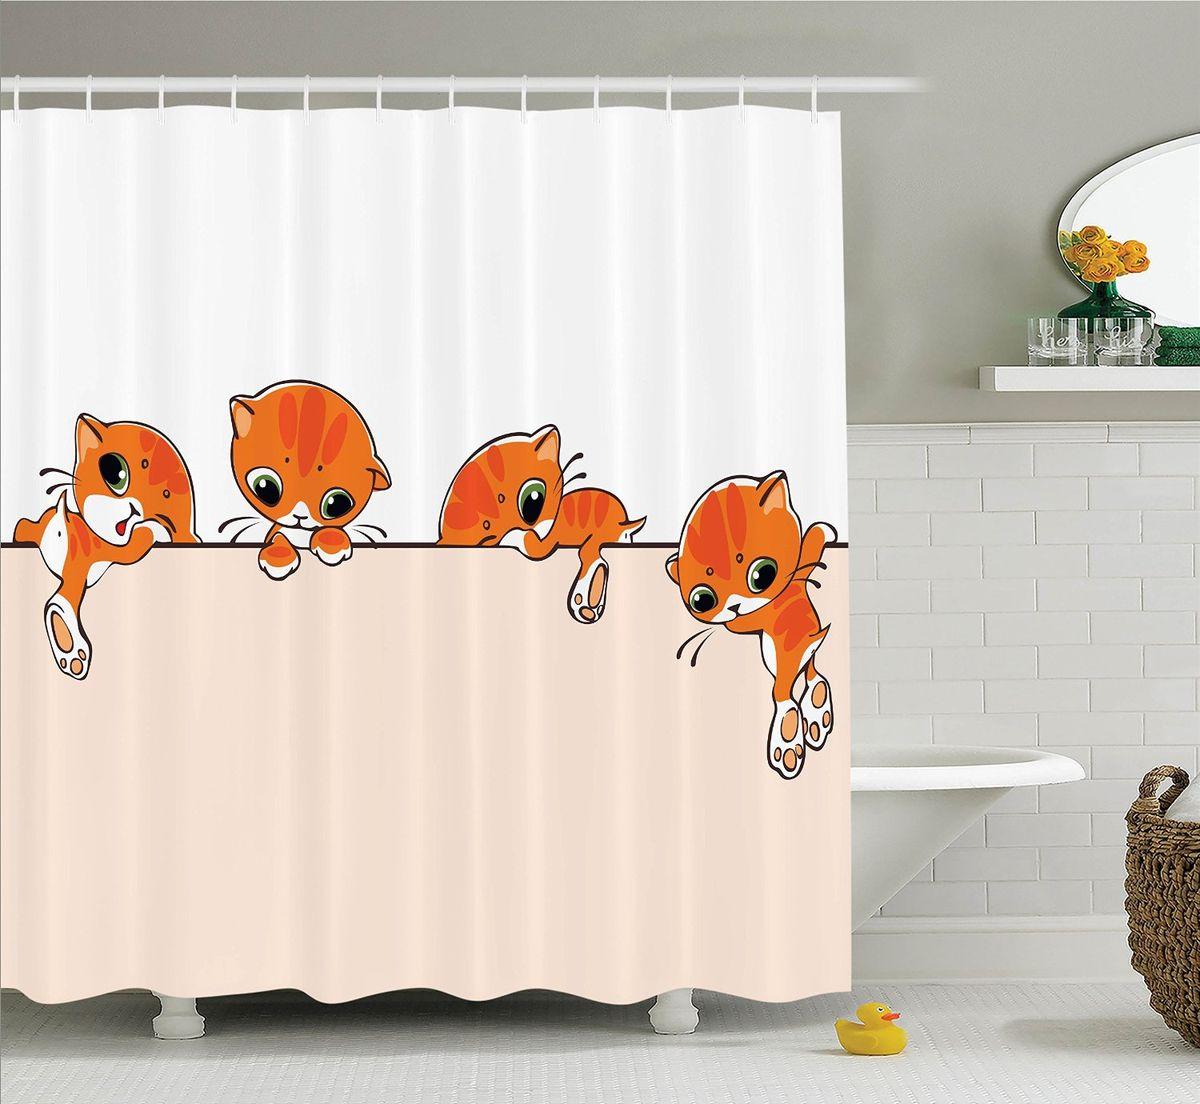 Штора для ванной комнаты Magic Lady Оранжевый котенок, 180 х 200 смшв_15570Компания Сэмболь изготавливает шторы из высококачественного сатена (полиэстер 100%). При изготовлении используются специальные гипоаллергенные чернила для прямой печати по ткани, безопасные для человека и животных. Экологичность продукции Magic lady и безопасность для окружающей среды подтверждены сертификатом Oeko-Tex Standard 100. Крепление: крючки (12 шт.). Внимание! При нанесении сублимационной печати на ткань технологическим методом при температуре 240 С, возможно отклонение полученных размеров, указанных на этикетке и сайте, от стандартных на + - 3-5 см. Мы стараемся максимально точно передать цвета изделия на наших фотографиях, однако искажения неизбежны и фактический цвет изделия может отличаться от воспринимаемого по фото. Обратите внимание! Шторы изготовлены из полиэстра сатенового переплетения, а не из сатина (хлопок). Размер шторы 180*200 см. В комплекте 1 штора и 12 крючков.